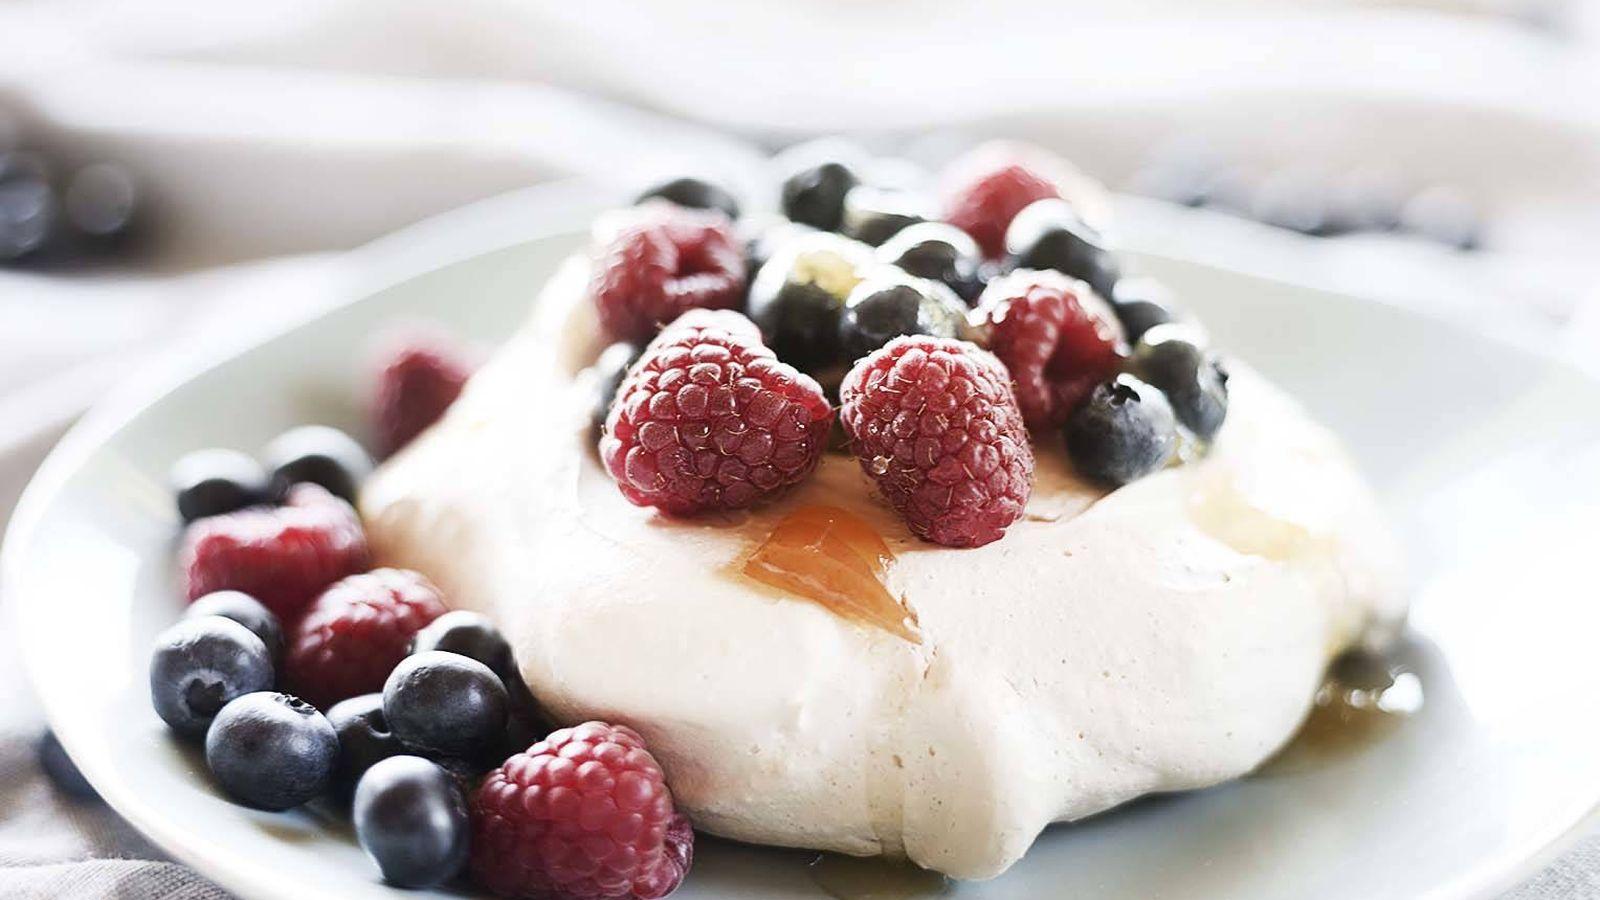 Foto: El merengue es la base de esta tartita crujiente. (Foto: Snaps Fotografía)